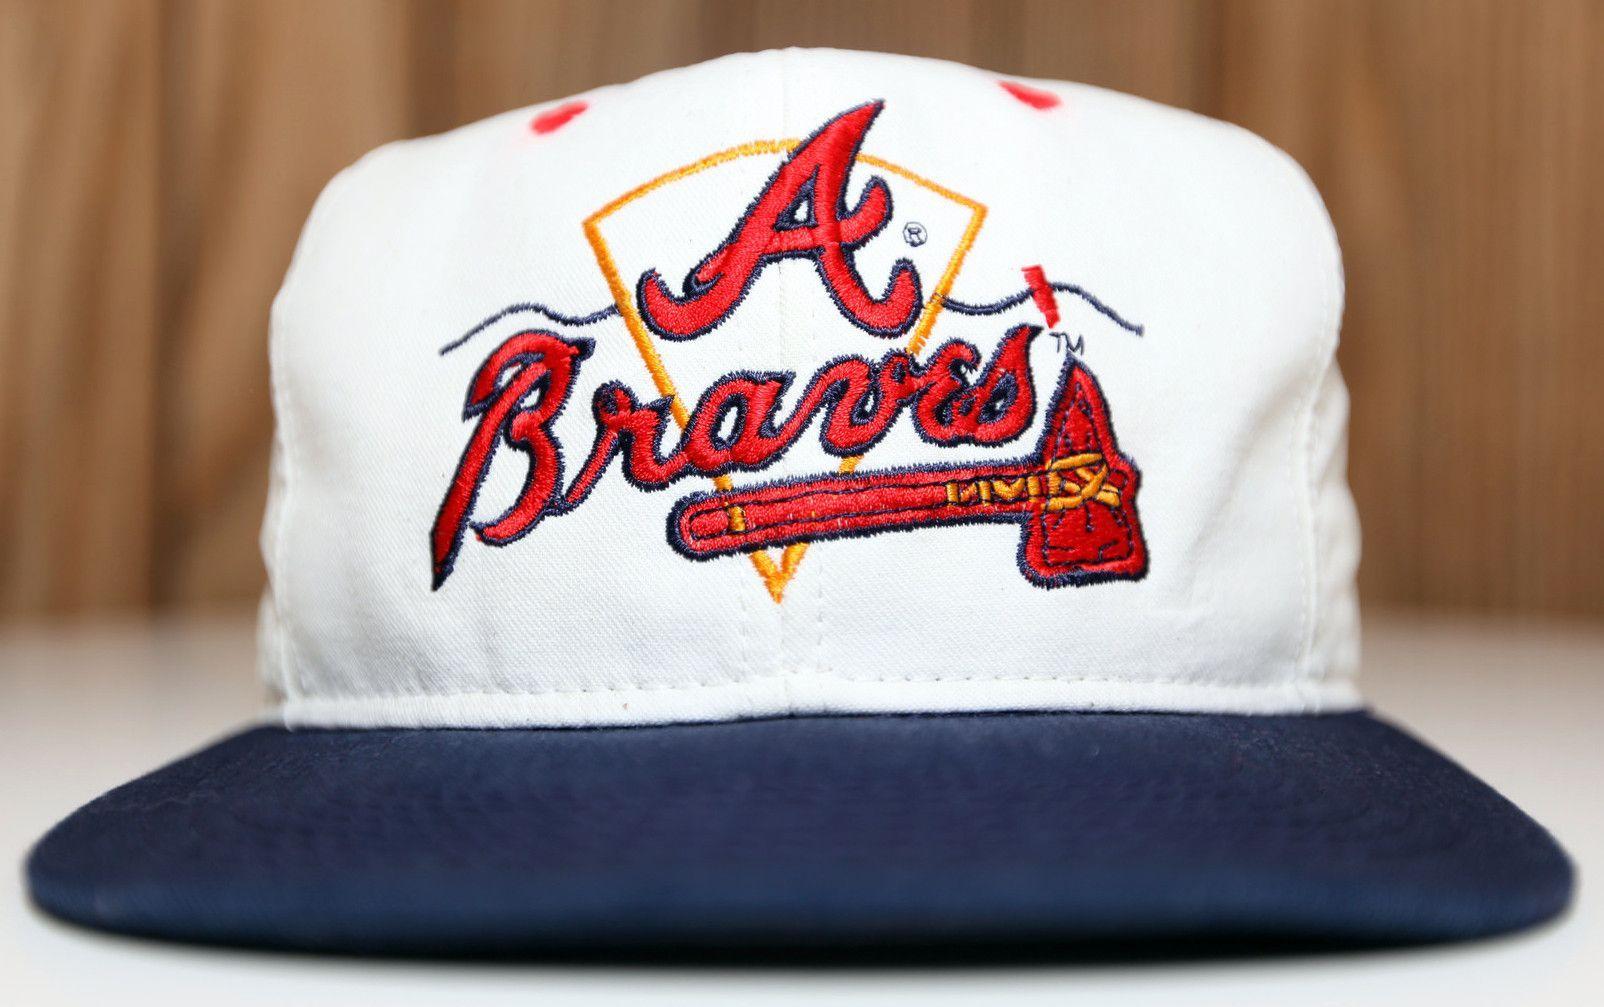 Sonny Buffalo Baseball Outfit Atlanta Braves Hats Vintage